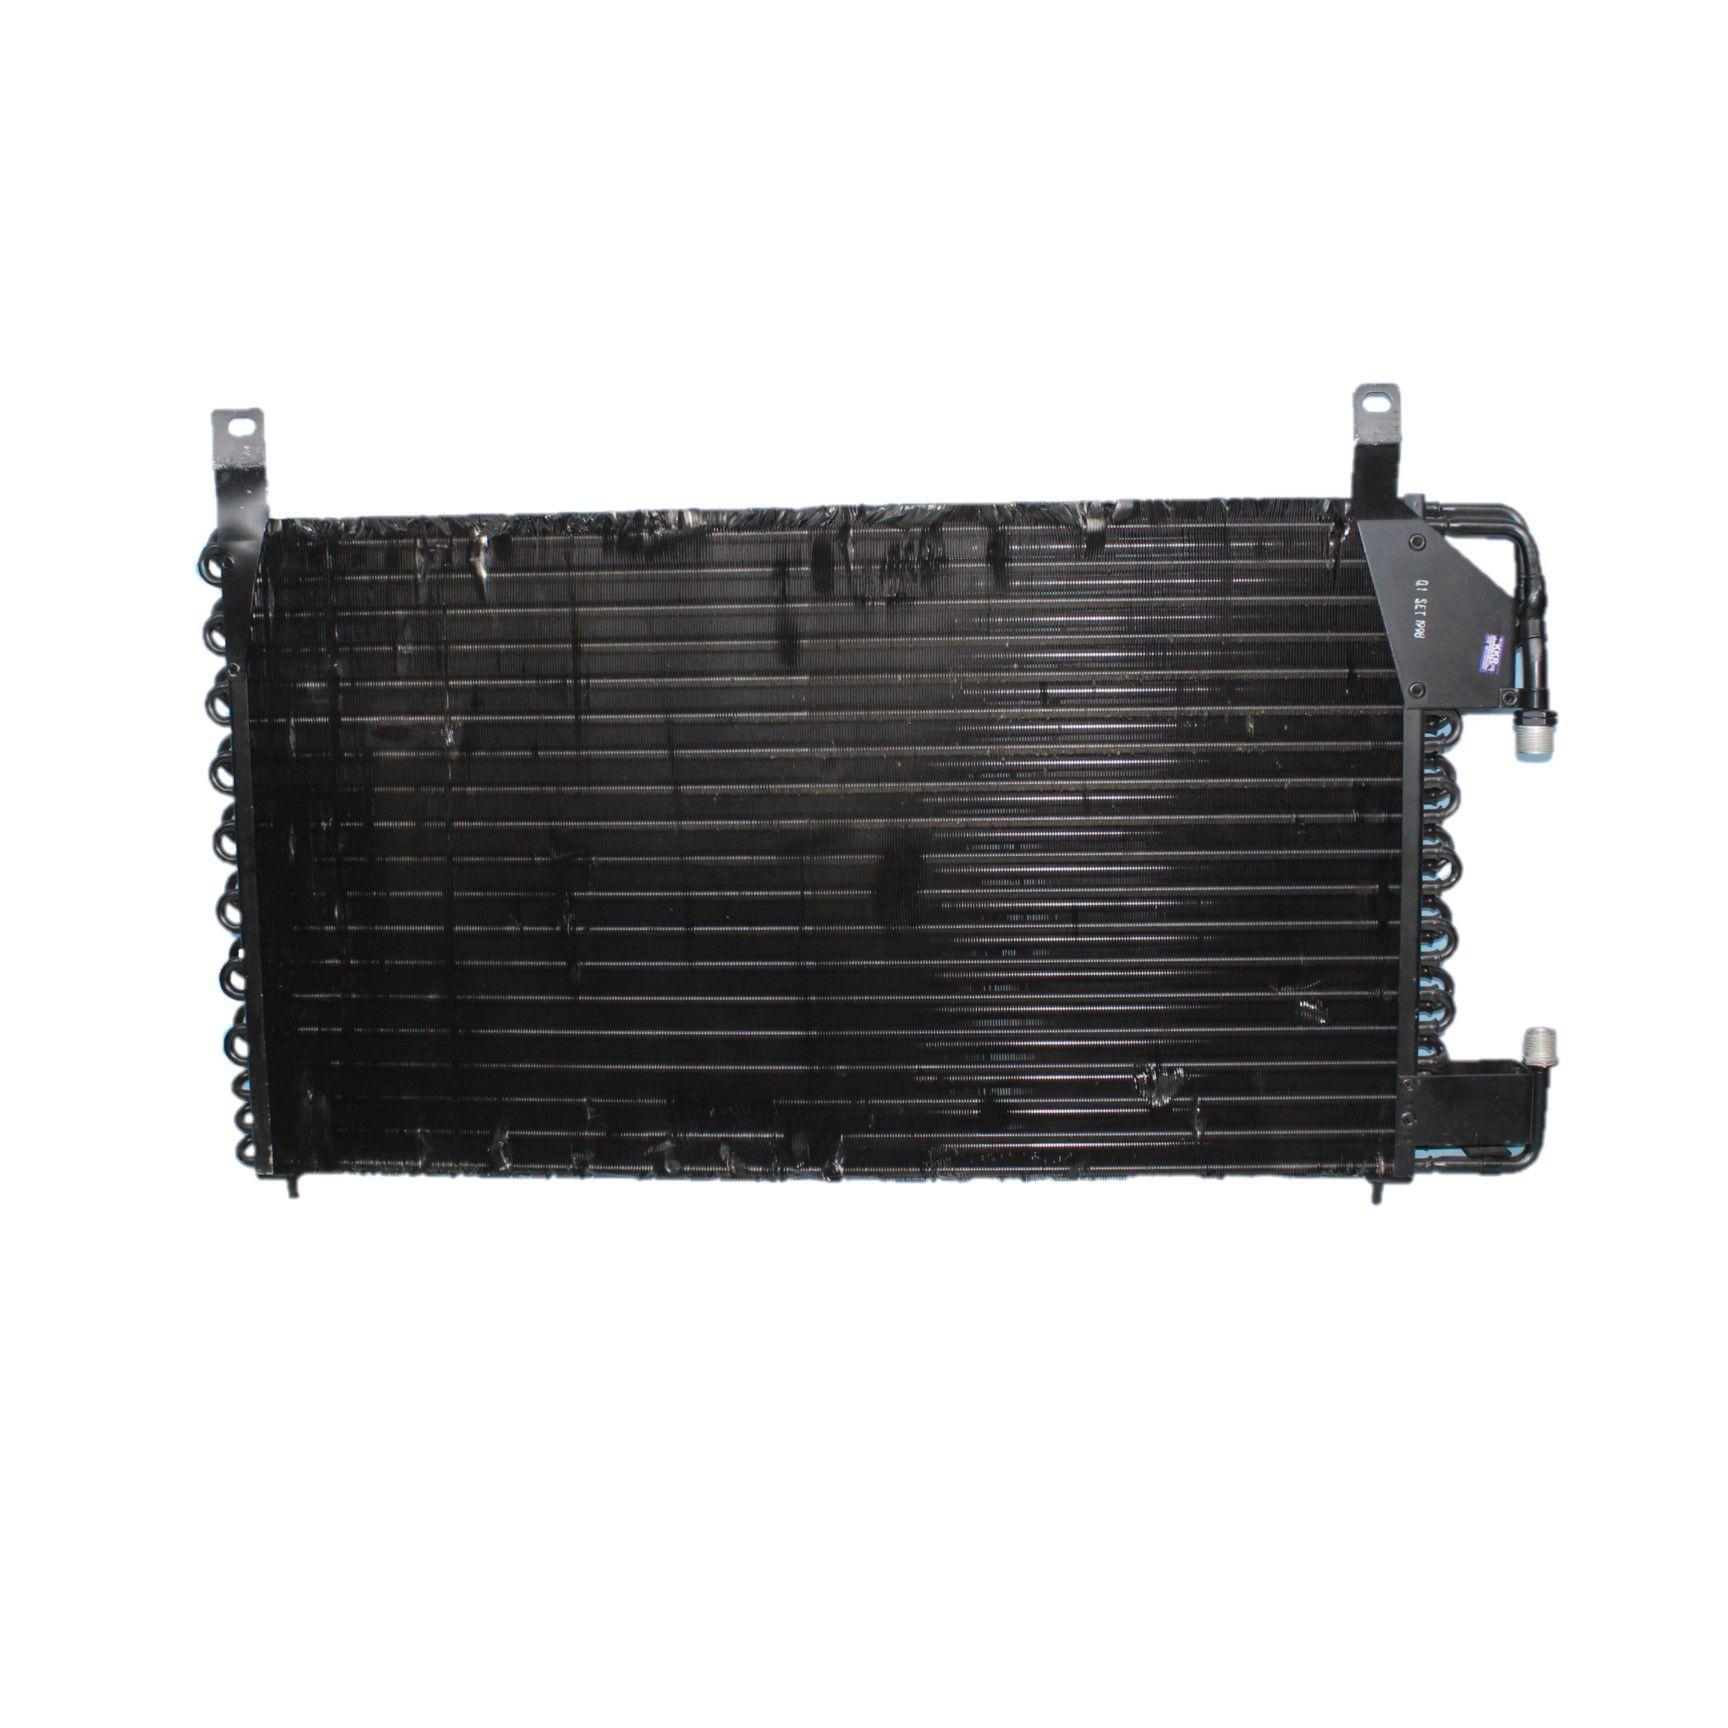 Condensador Ar Condicionado Monza Kadett Ipanema  91...94 c/ R12